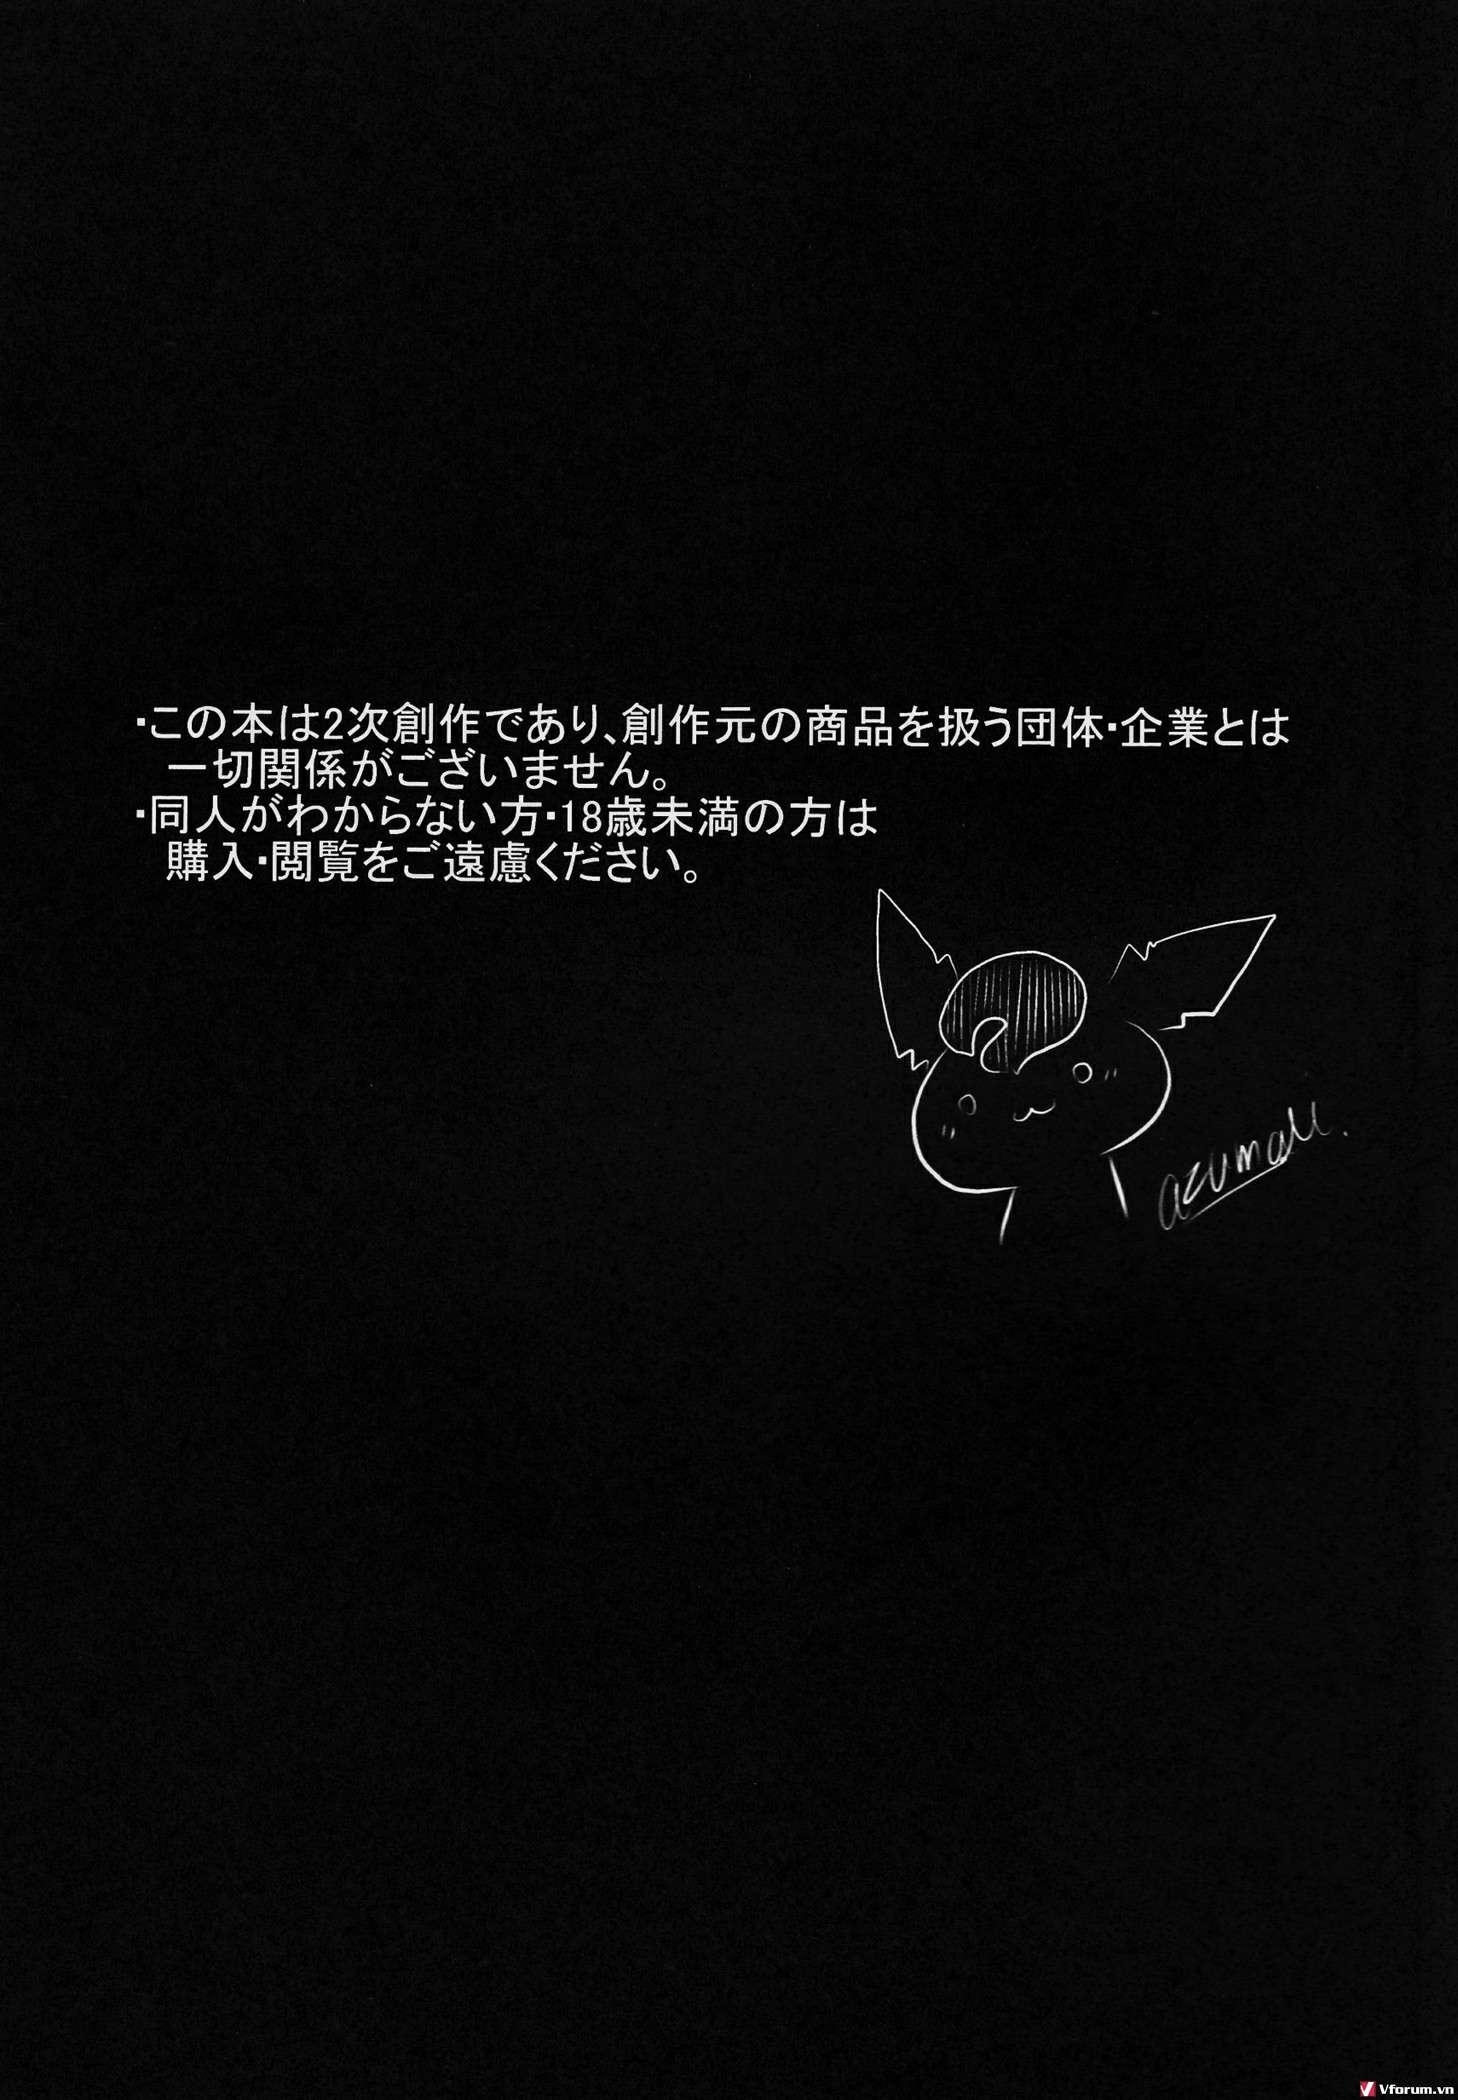 Hình ảnh  trong bài viết Ninnin nu Himitsu